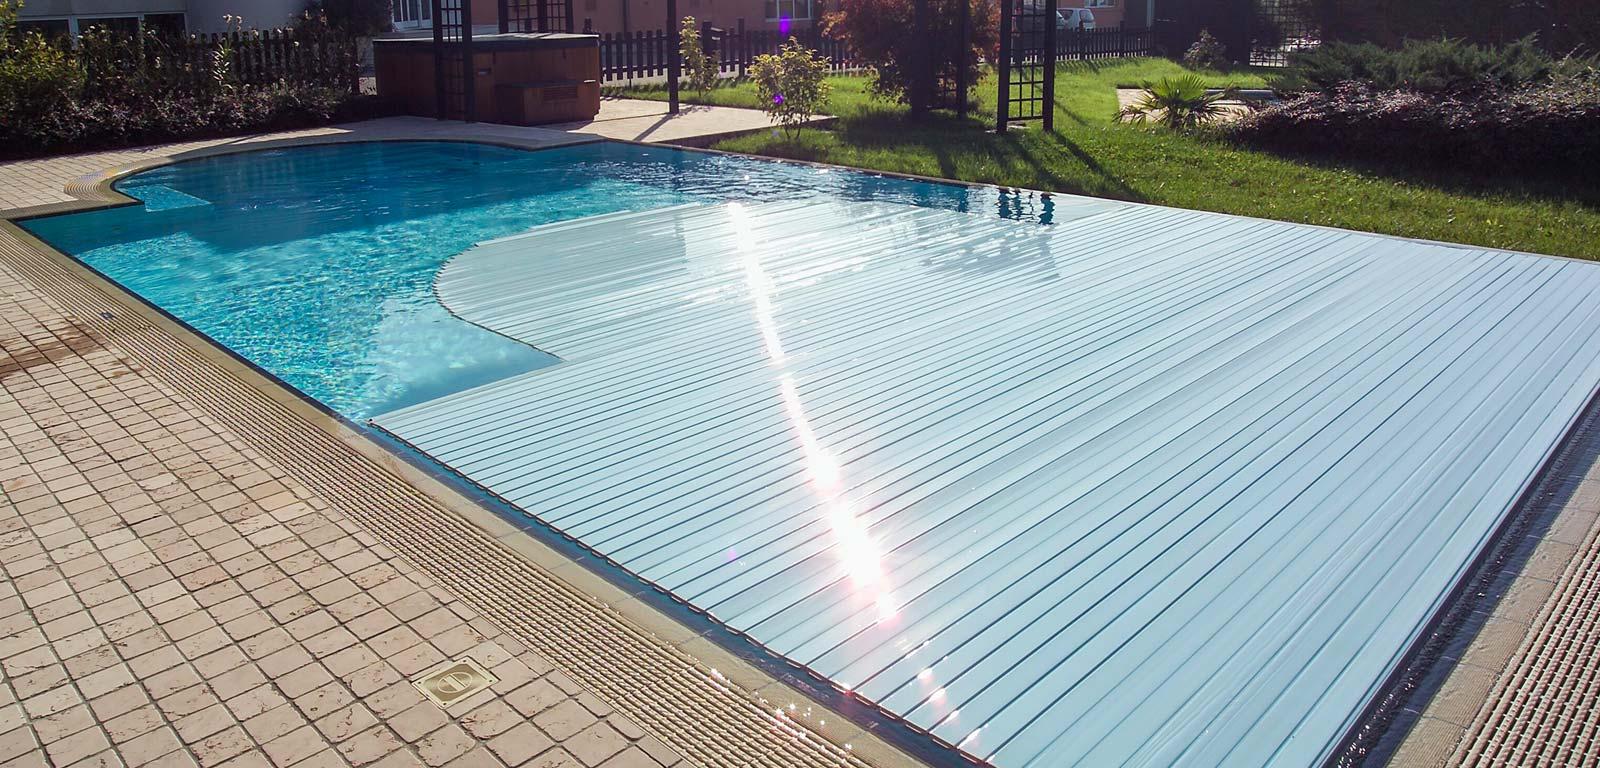 Coperture per piscine accessori piscine castiglione - Teli per piscine ...